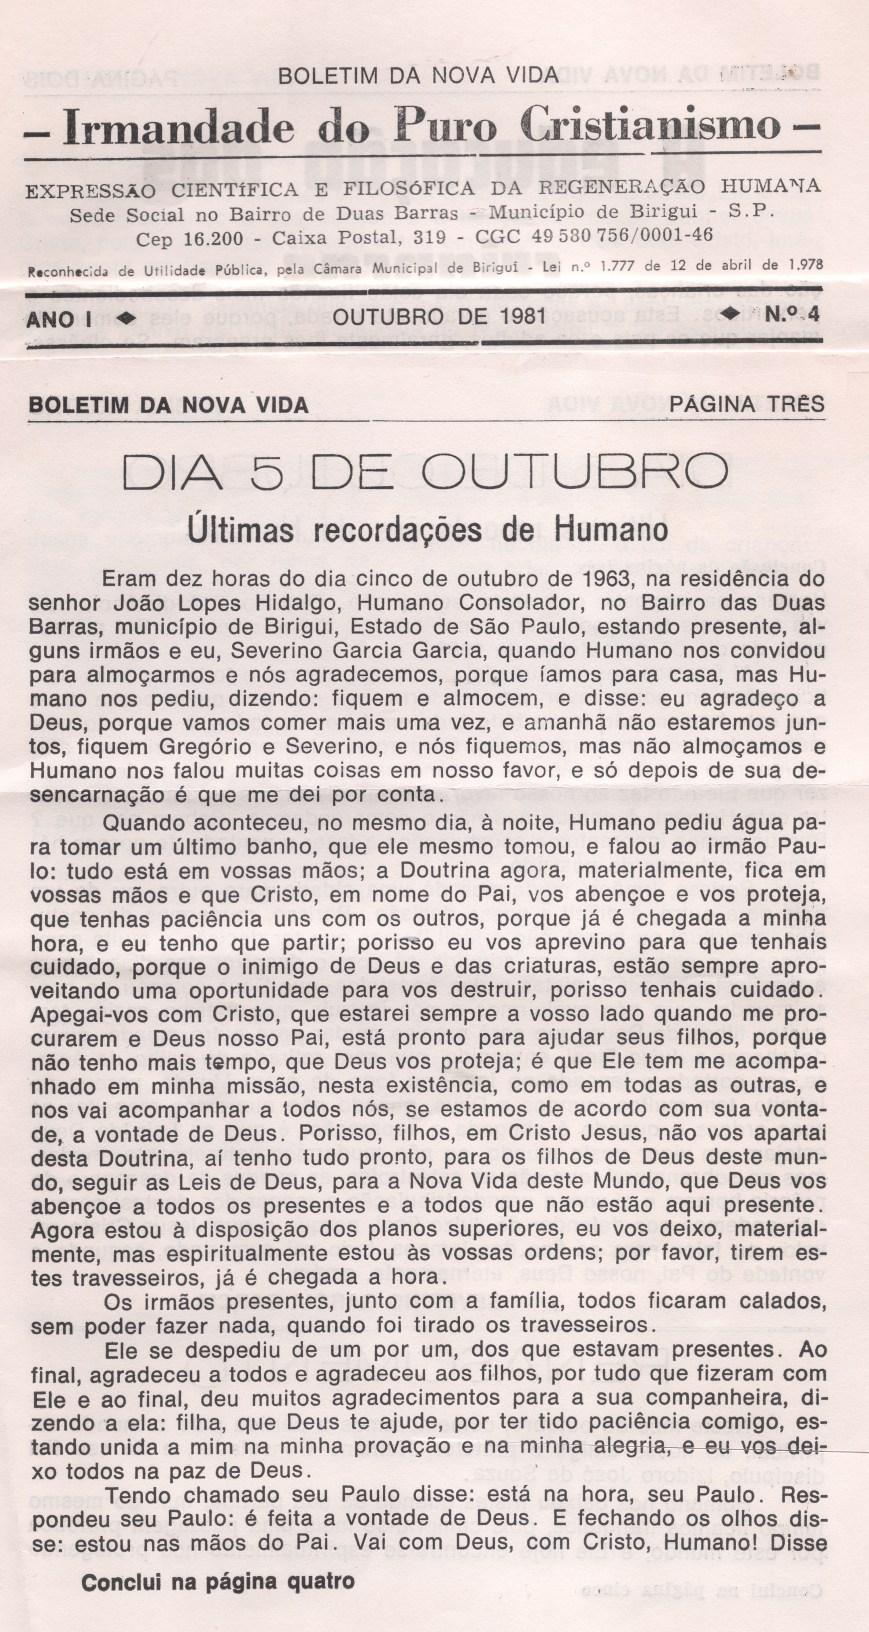 Boletim da Nova Vida - Edição de outubro de 1981 página três